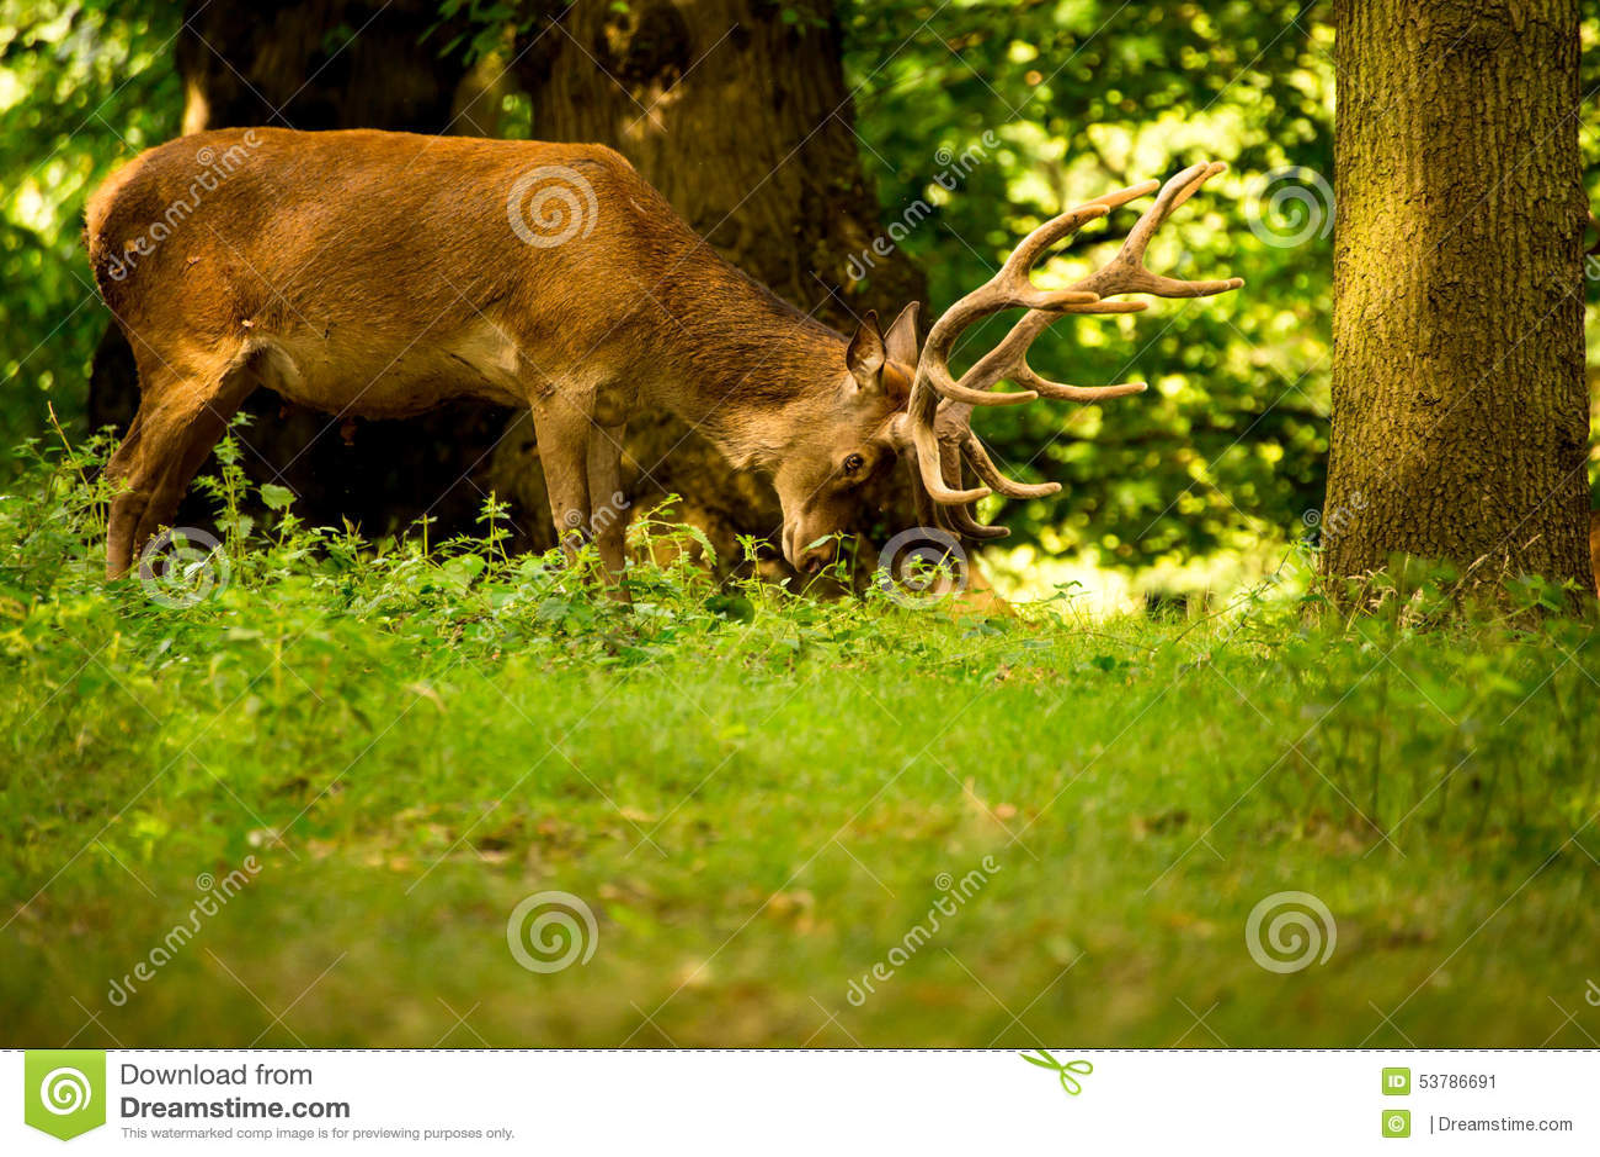 Ένα ελάφι ταΐζει στο δάσος